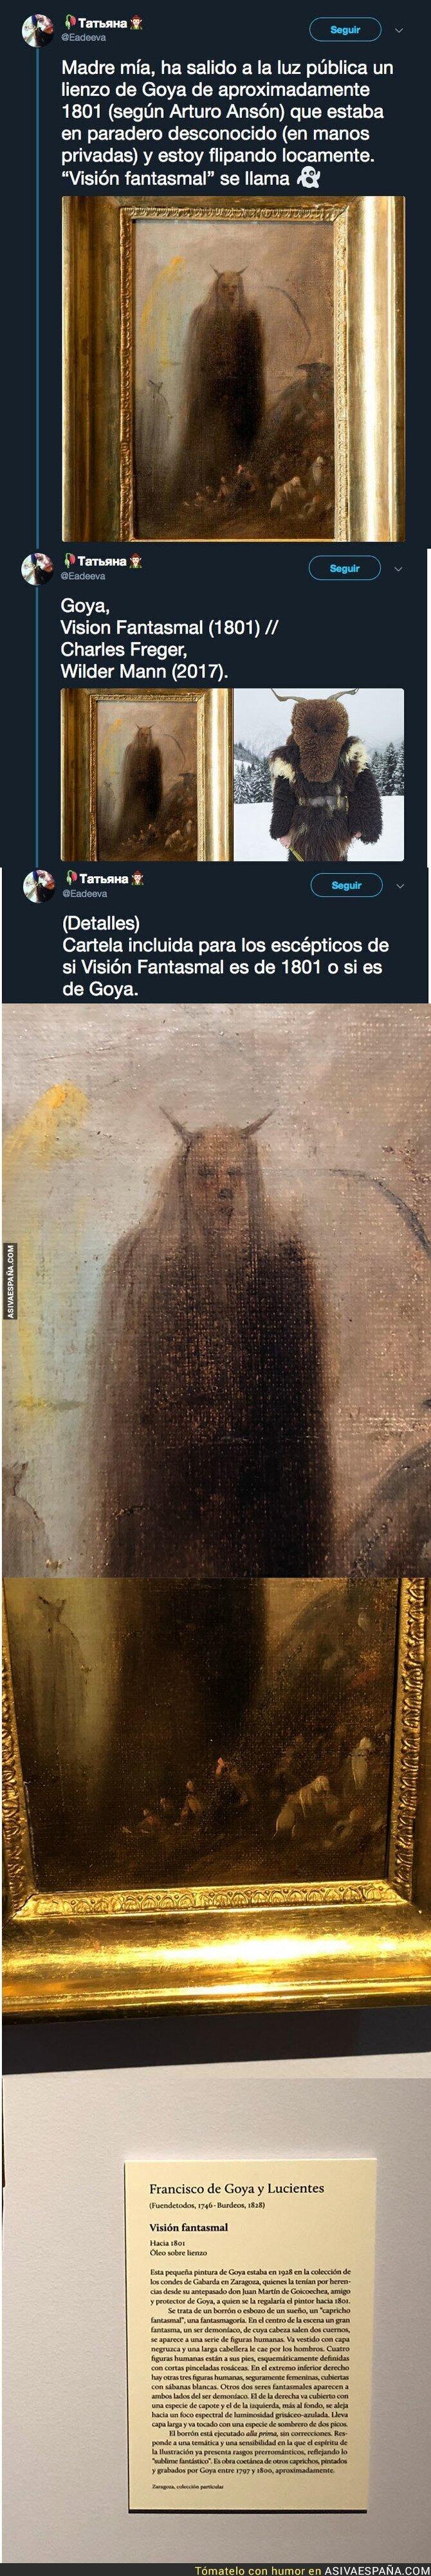 94710 - El lienzo de Goya que ha salido a la luz y que está haciendo tener pesadillas a la gente